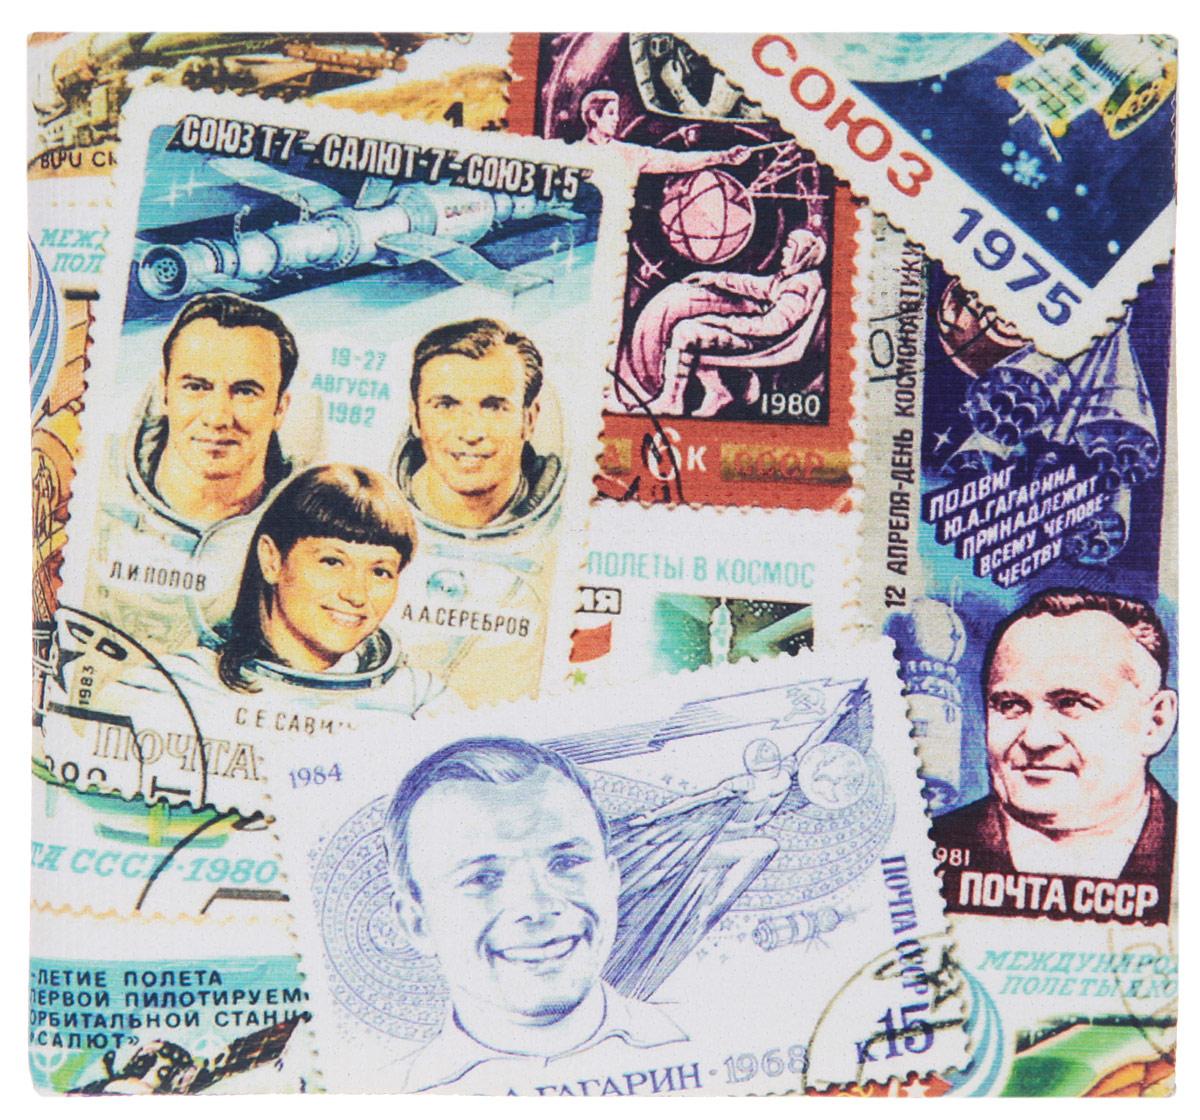 Кошелек Космос (марки). KZAM020BM8434-58AEАвторский, неповторимый кошелек от Mitya Veselkov Космос (марки) выполнен из синтетического материала и оформлен принтом в виде марок с изображением космонавтов.Кошелек раскладывается пополам и содержит отделение для купюр и два врезных кармана для кредитных карт или визиток.Стильный кошелек Mitya Veselkov Космос (марки) станет отличным подарком для творческого человека.